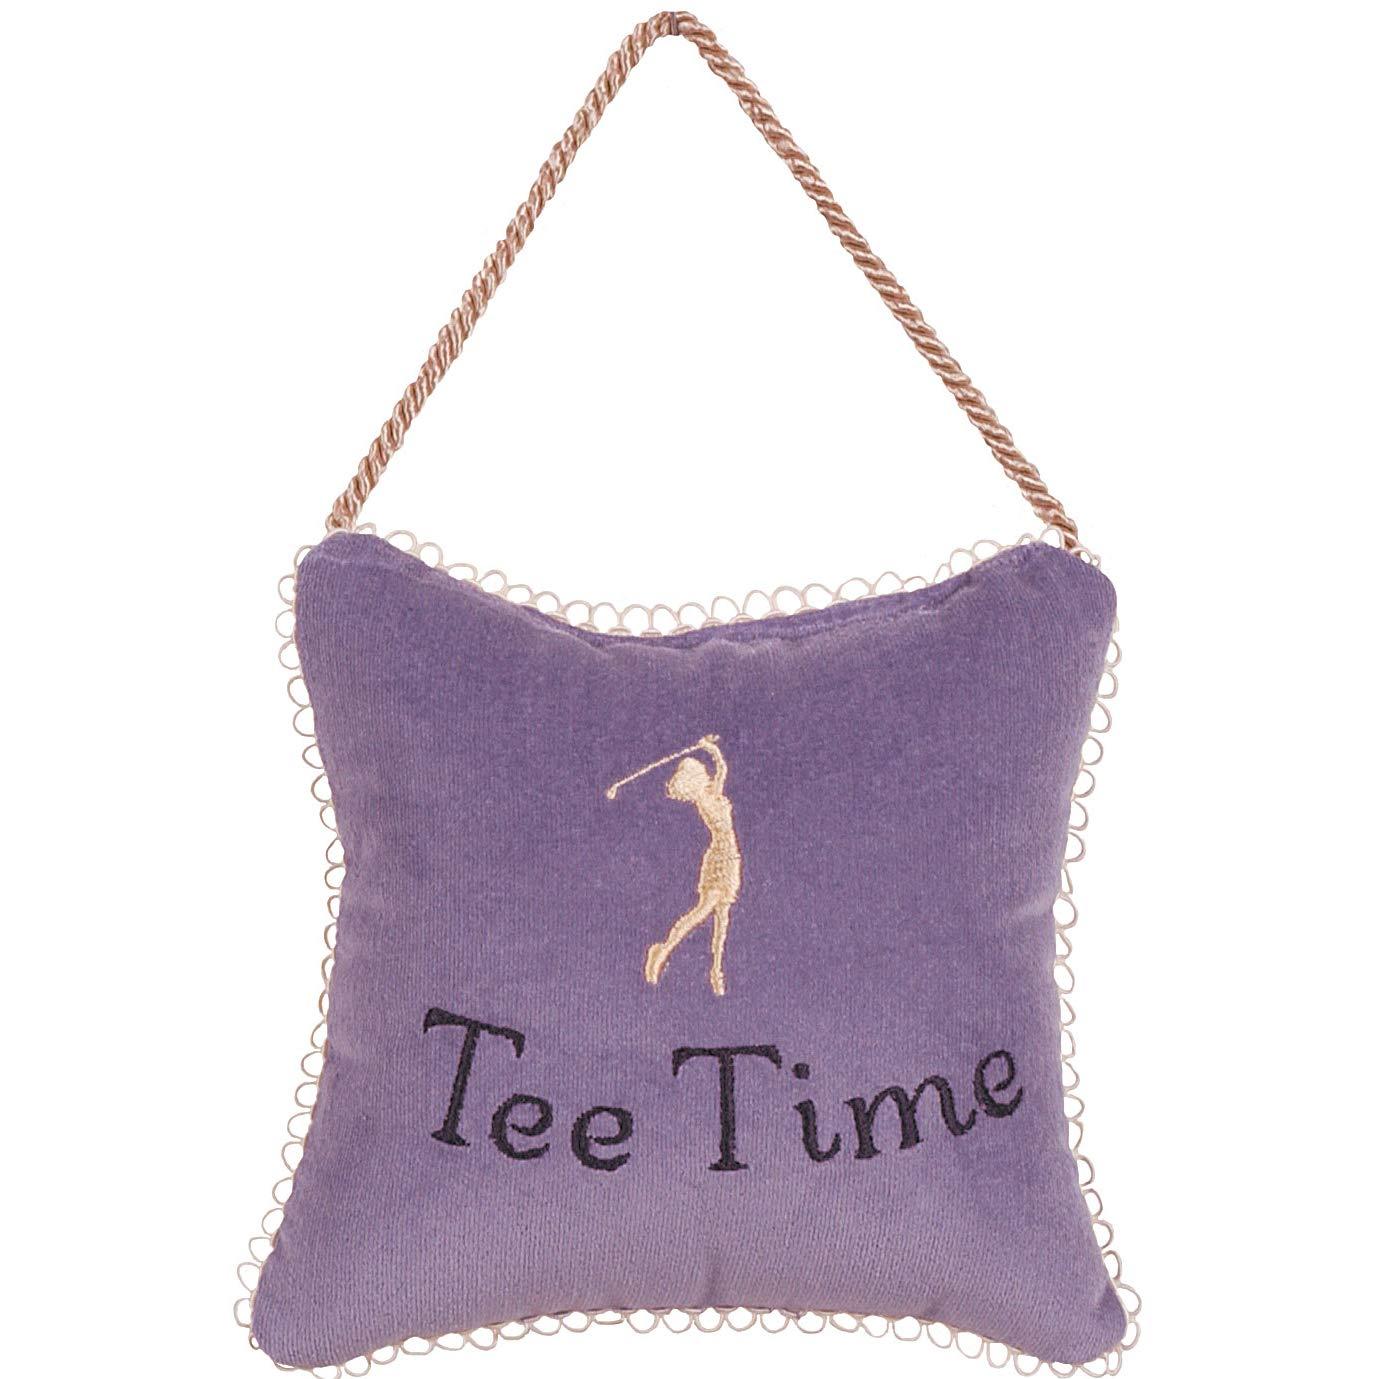 Gift for Golfer Tee Time Door Hanger, 6x6, Lavender